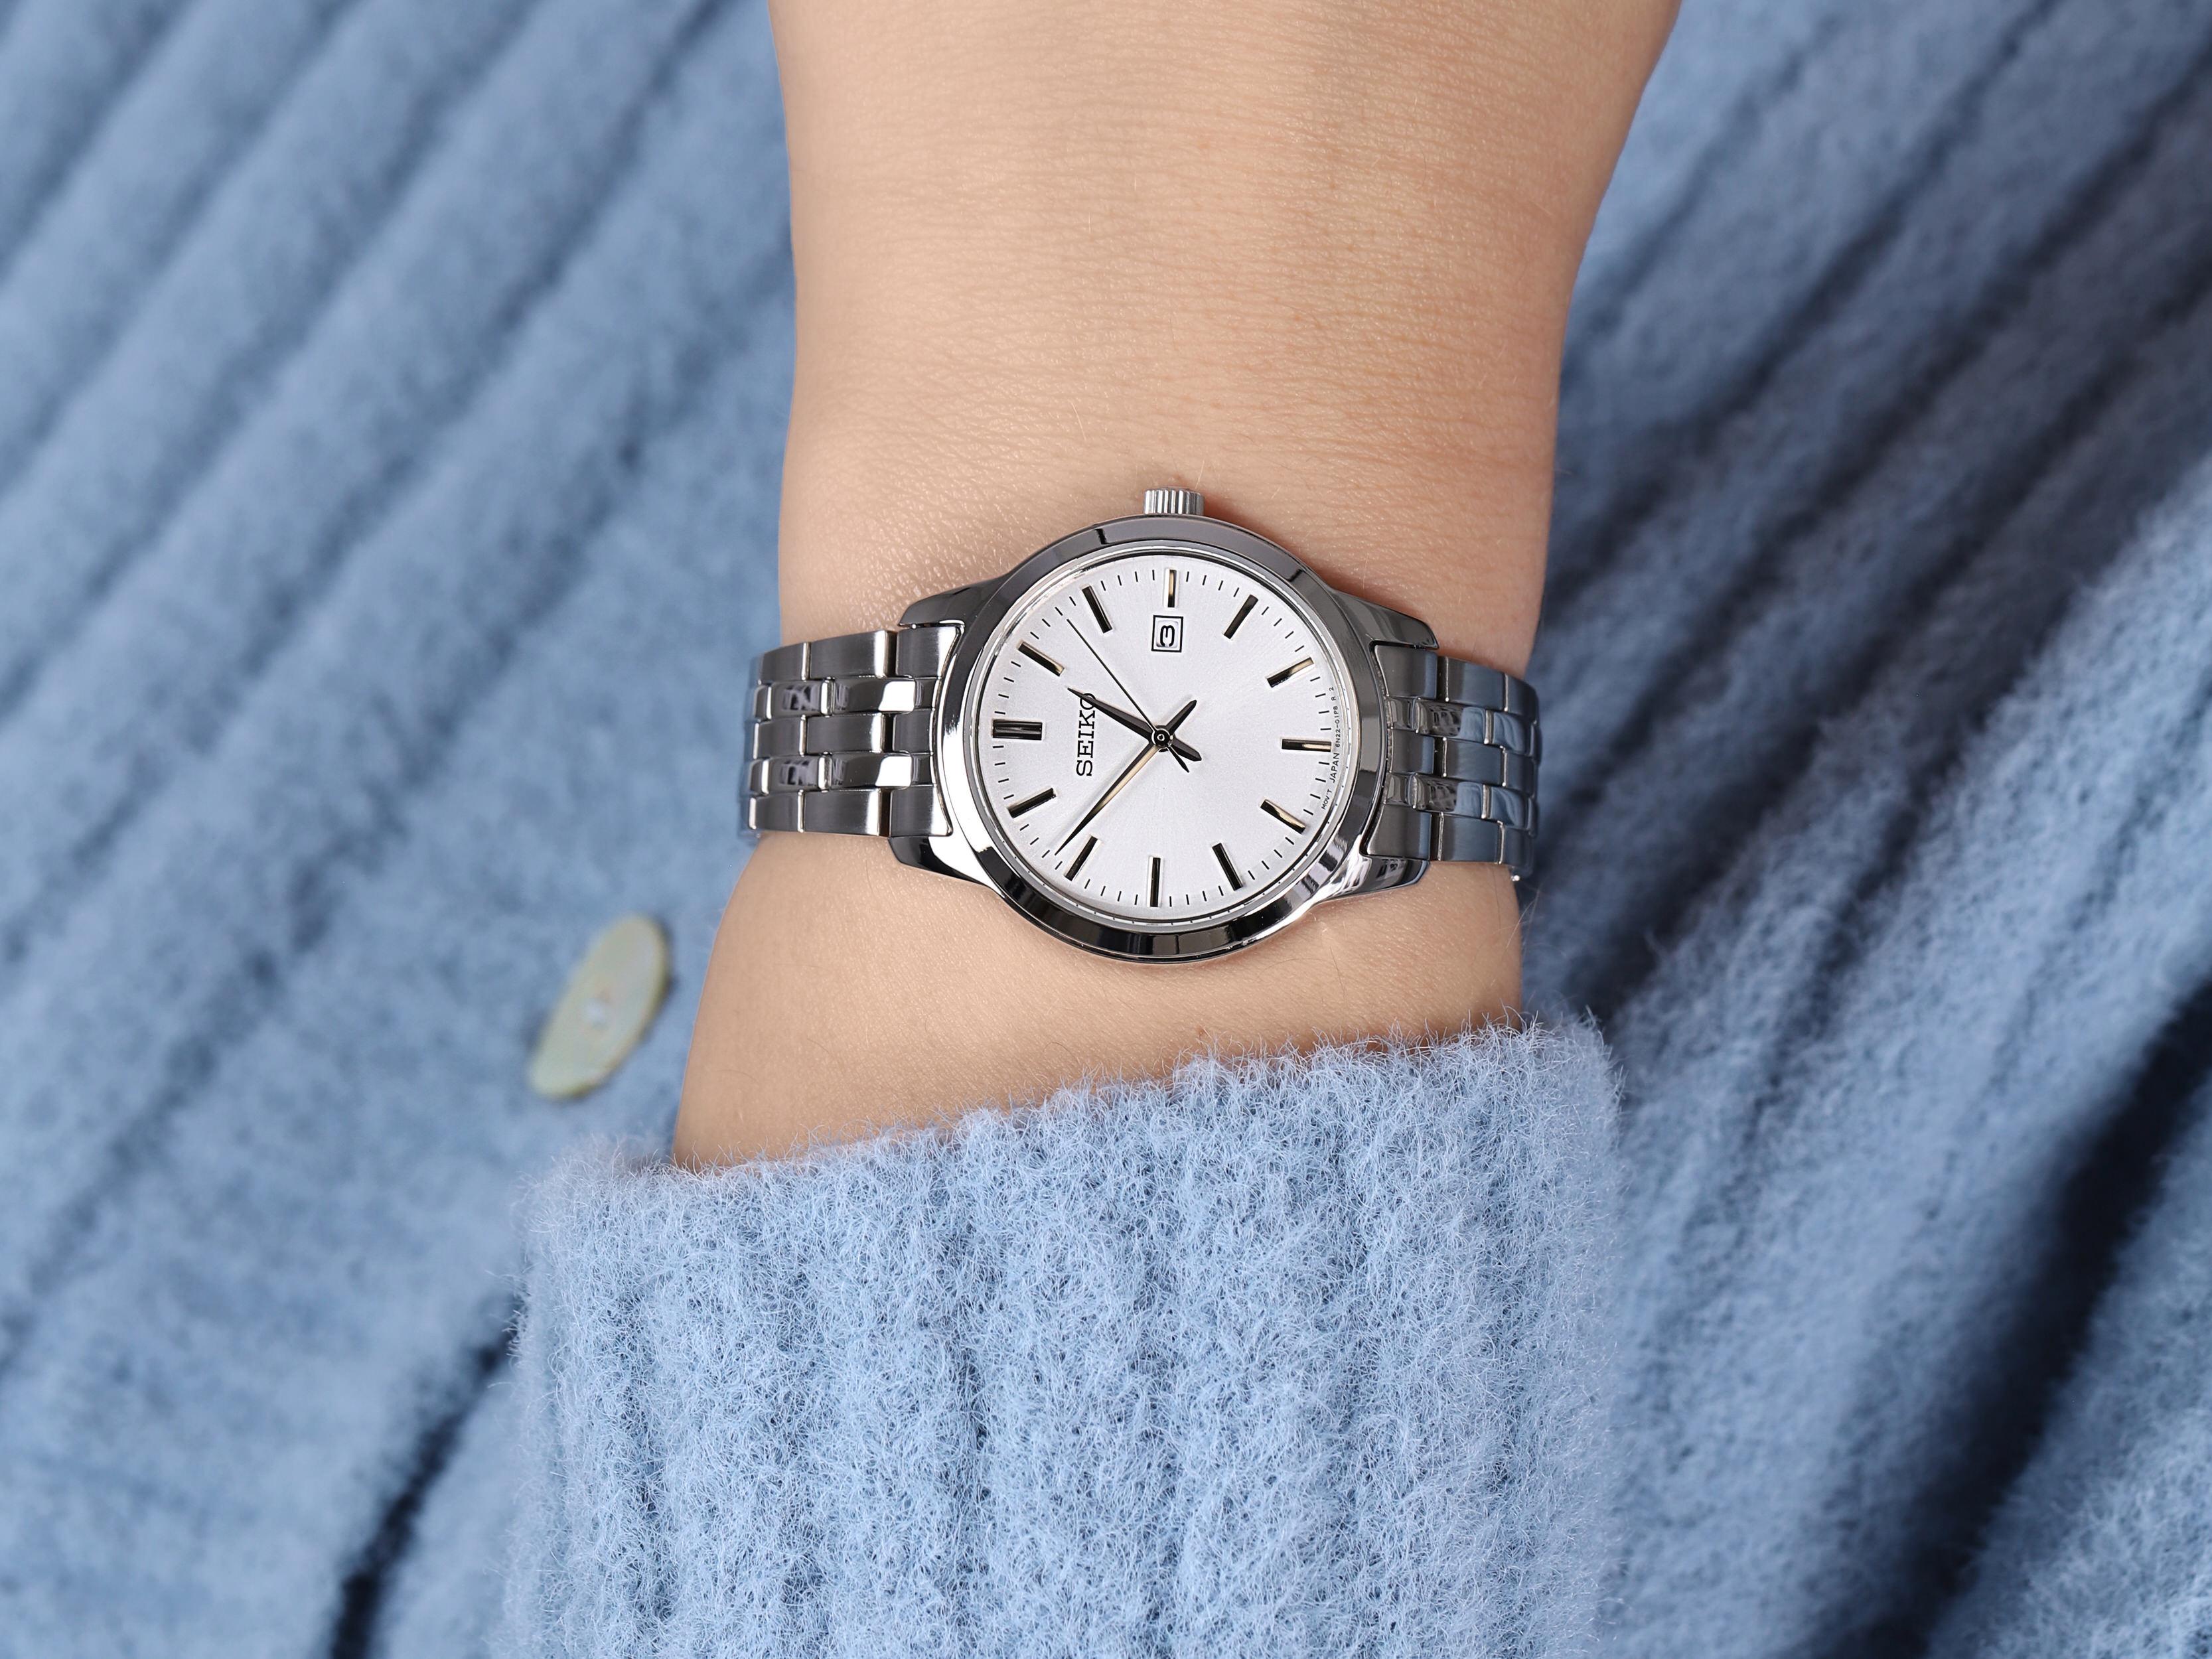 Seiko SUR405P1 damski zegarek Classic bransoleta